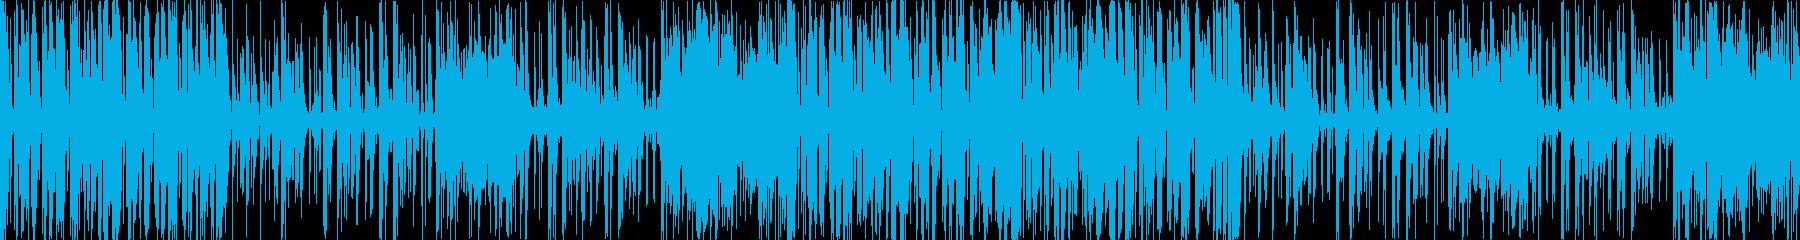 ファンキーで明るいブラスメインのポップスの再生済みの波形